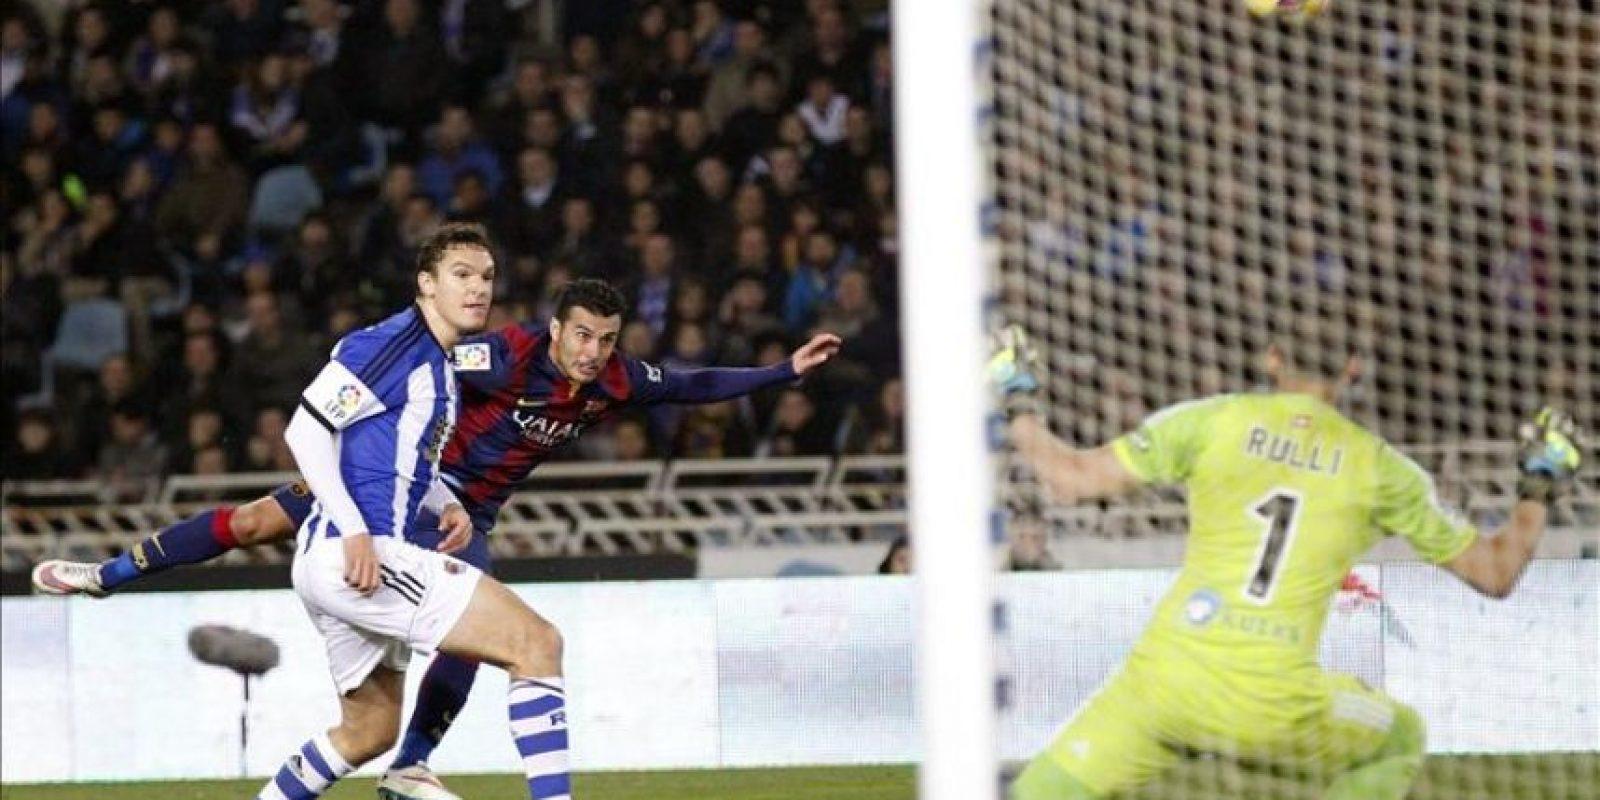 El delantero del FC Barcelona Pedro Rodríguez (c) cabecea a puerta entre Ion Ansotegi (i) y el portero argentino Gerónimo Rulli, de la Real Sociedad, durante el partido de la decimo séptima jornada de Liga de Primera División disputado en el estadio de Anoeta de San Sebastián. EFE